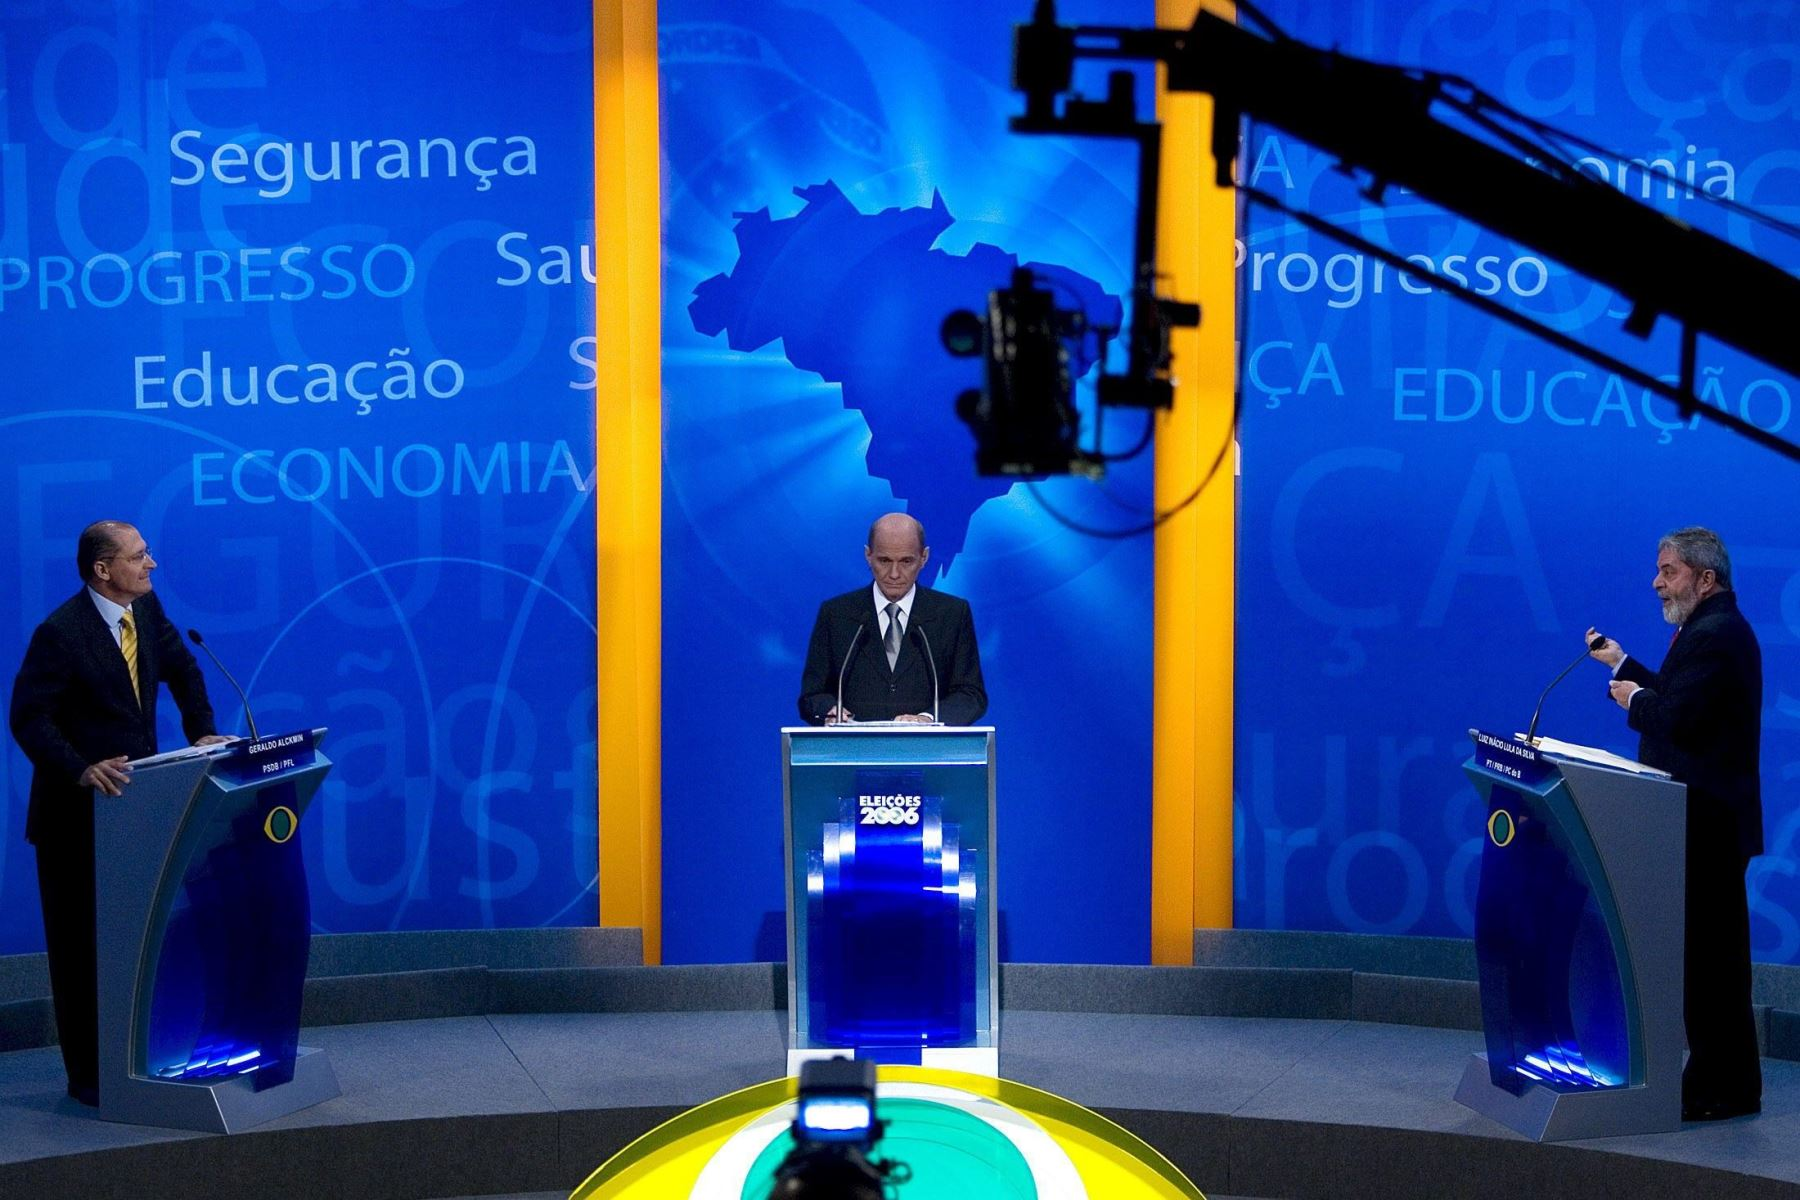 Fotografía de archivo del 8 de octubre de 2006, del reconocido periodista y presentador brasileño de televisión Ricardo Boechat durante el debate de las elecciones presidenciales de ese año con el expresidente Luiz Inácio Lula da Silva y Geraldo Alckmin Foto: EFE